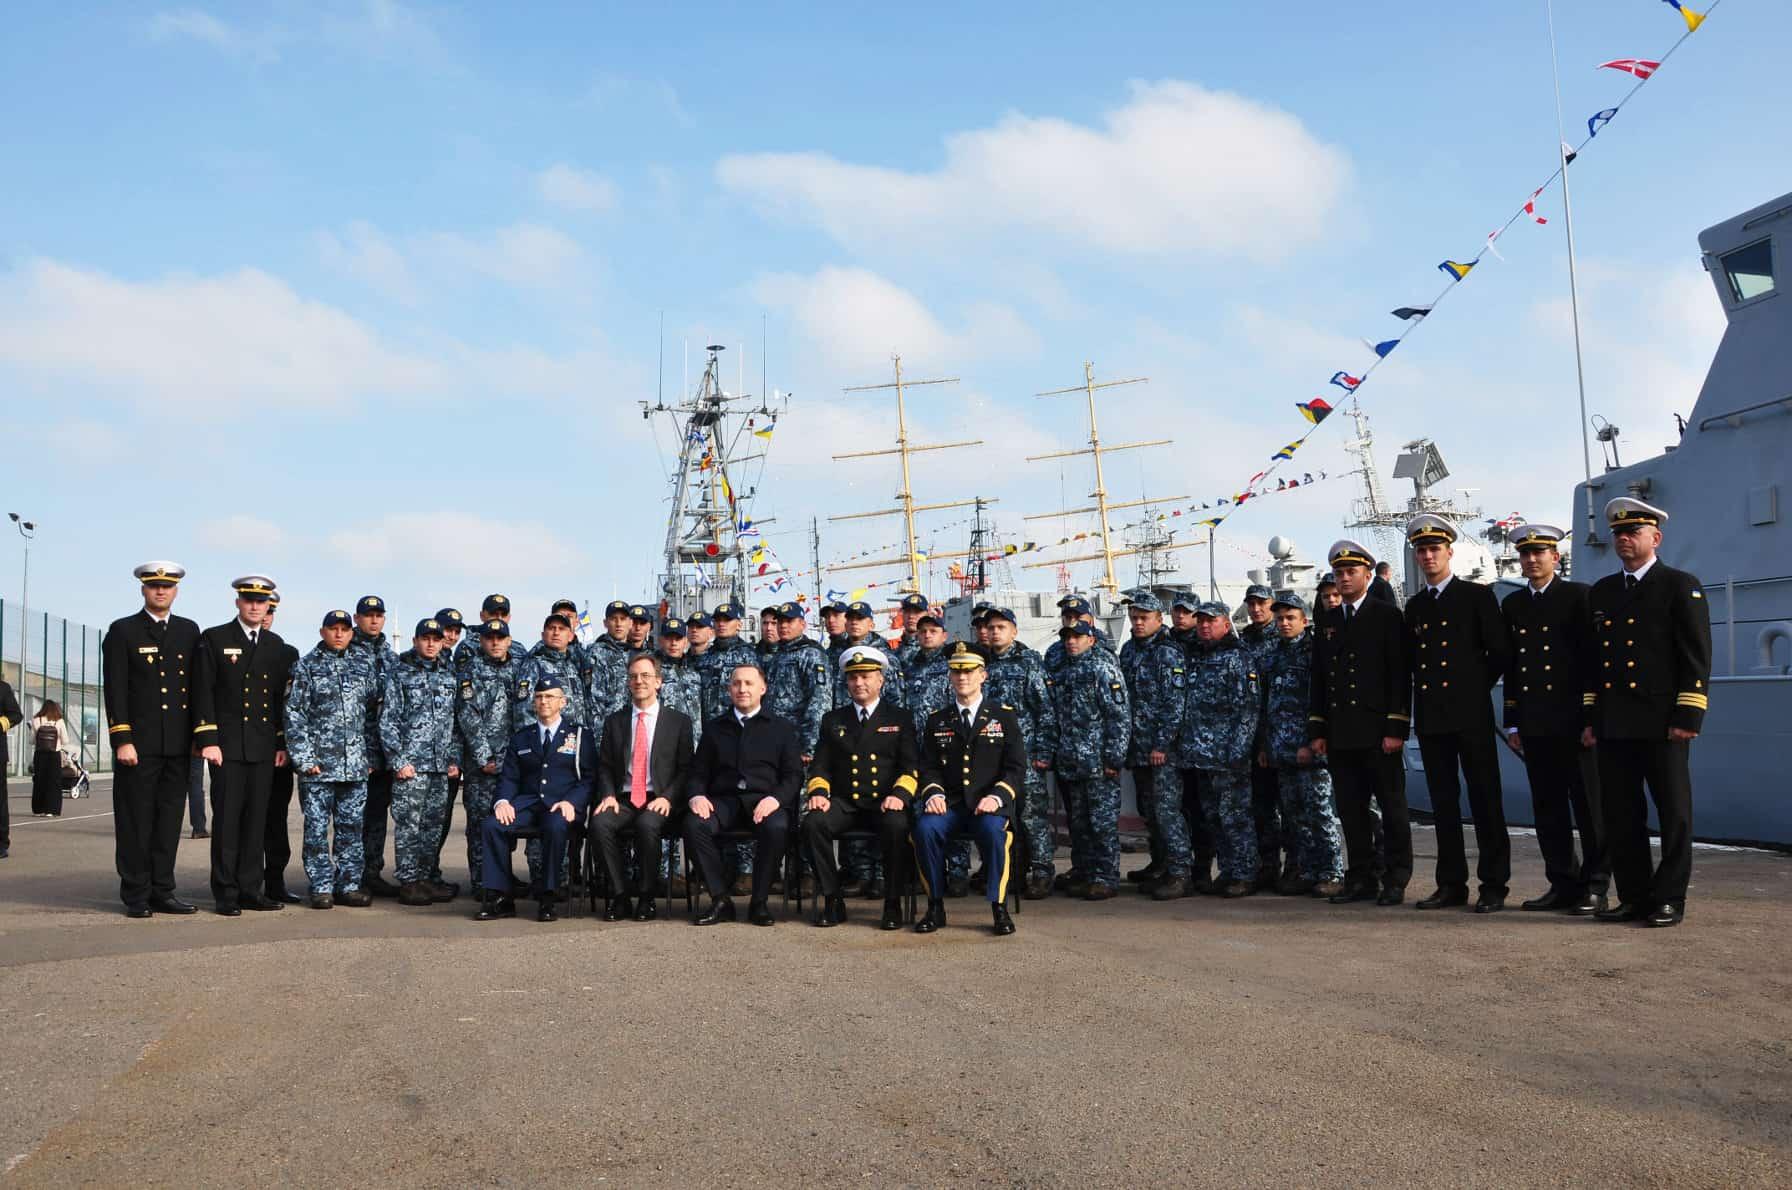 Фото екіпажів патрульних катерах «Слов'янськ та «Старобільськ» типу Island, а також пошуково-рятувальному судні «Олександр Охрименко» та почесних гостей на пам'ять